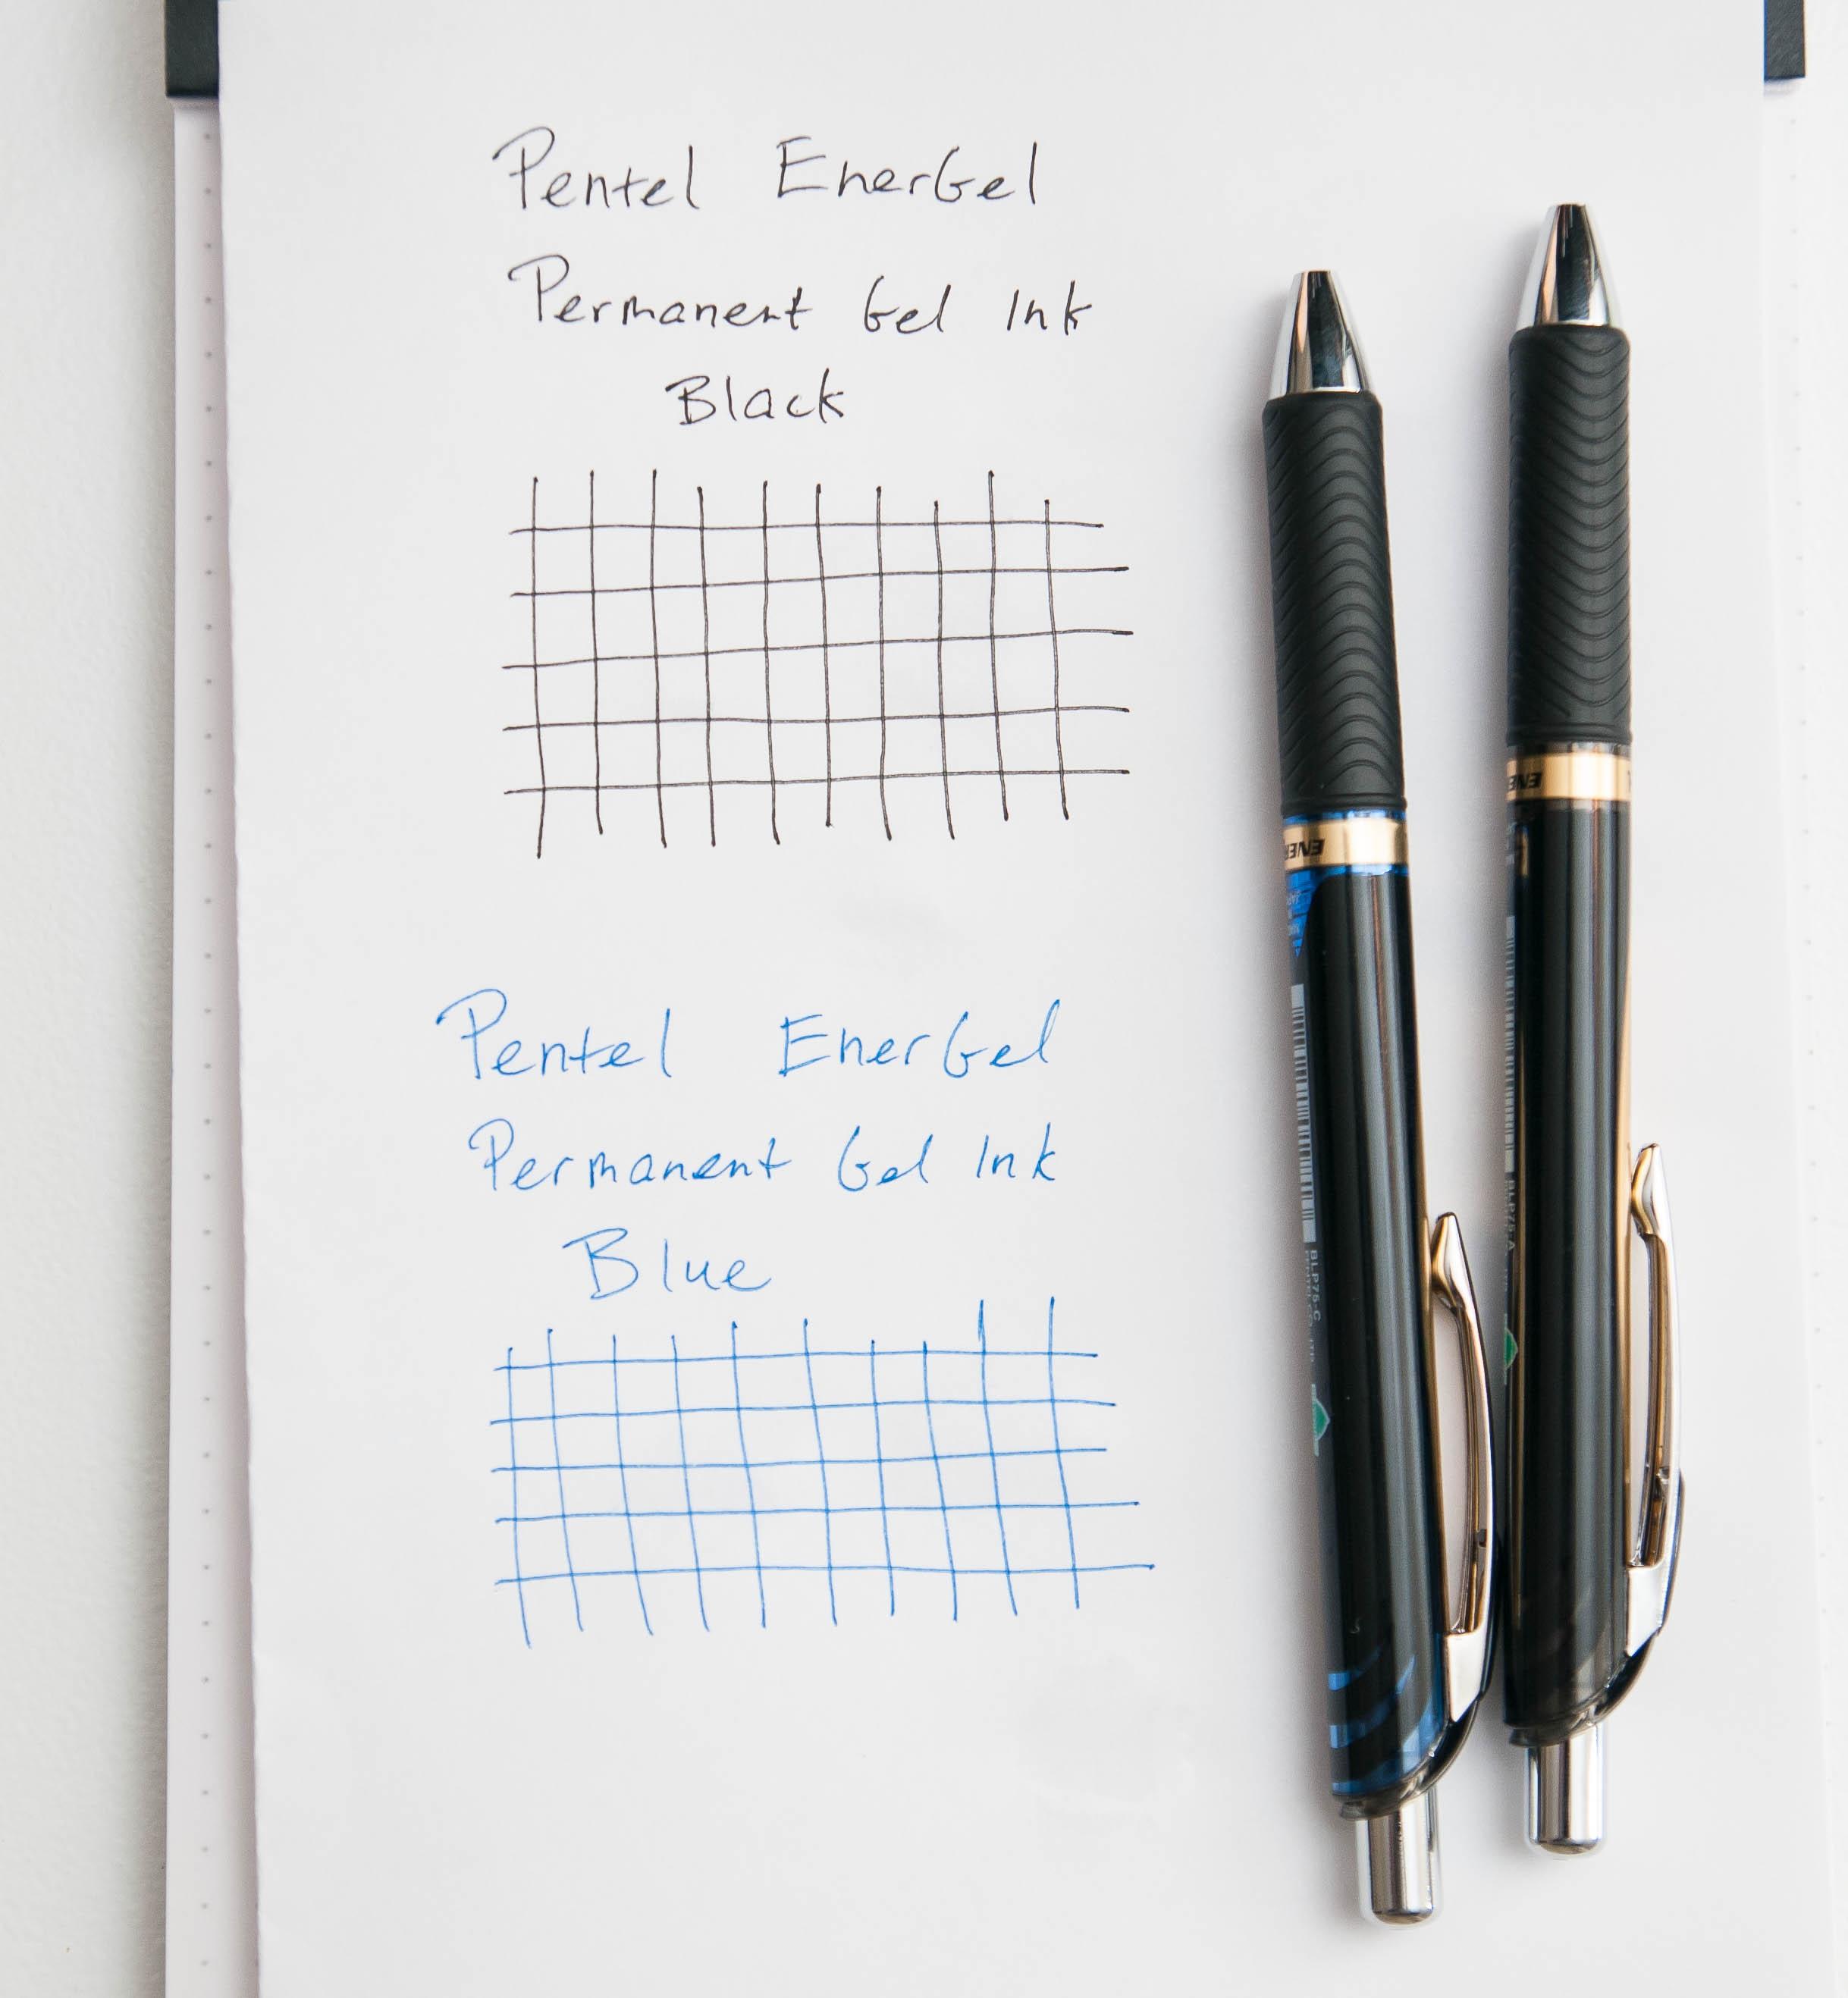 Pentel EnerGel Permanent Gel Ink